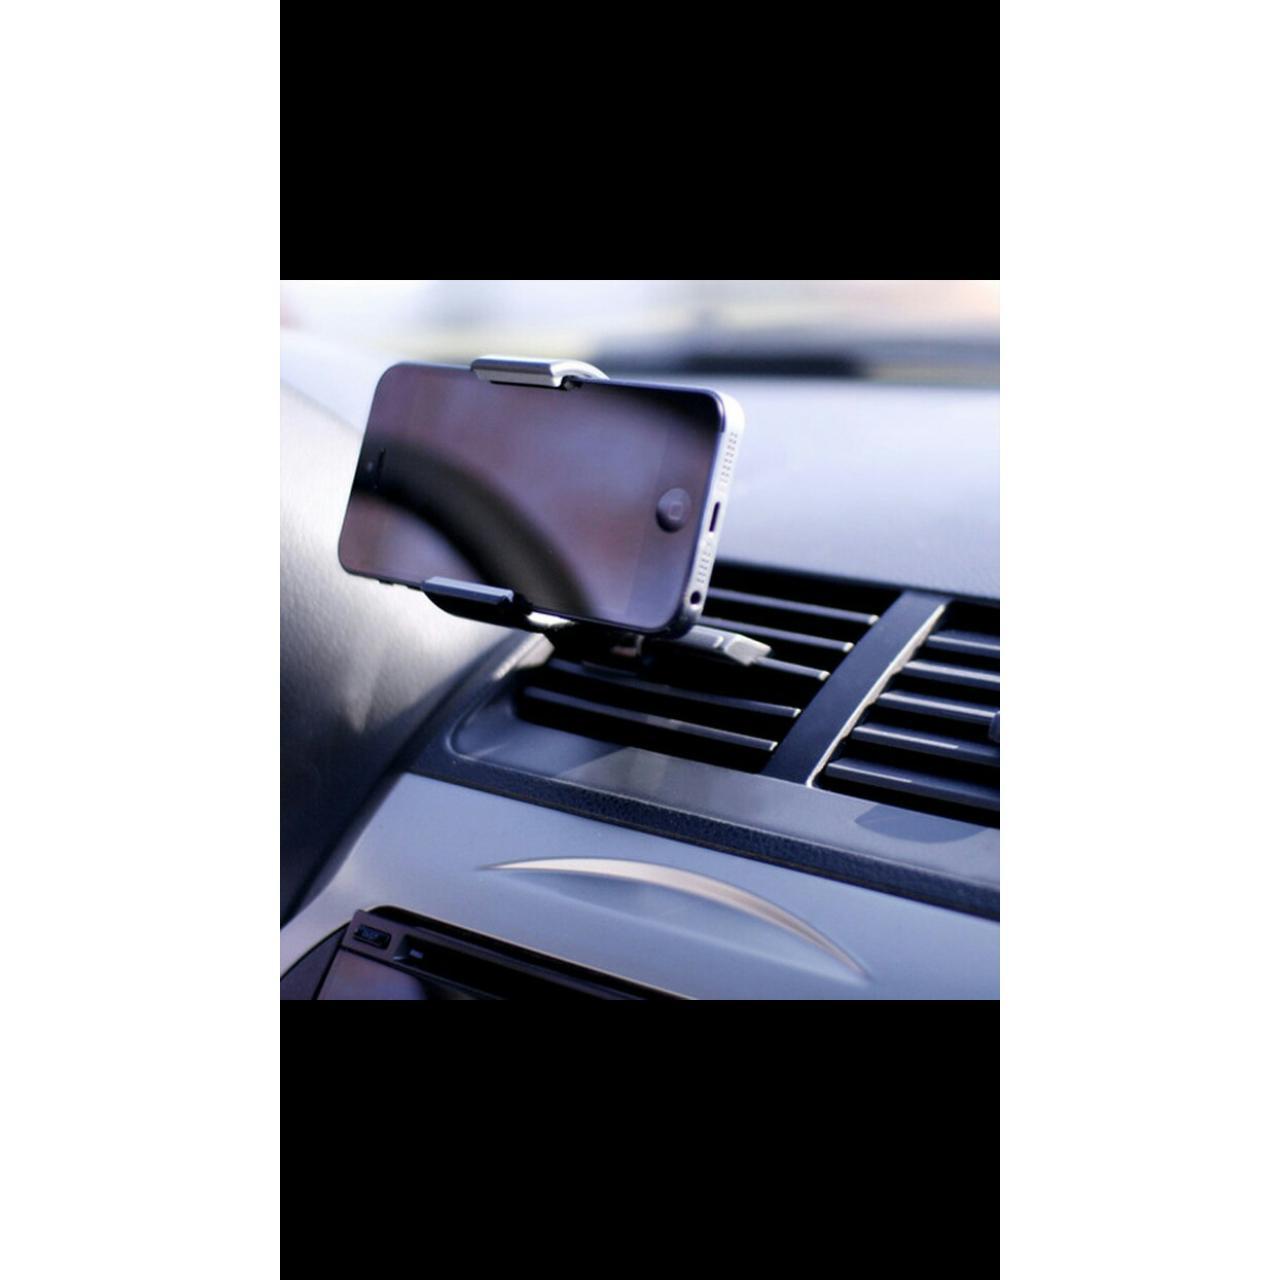 Fitur Carmount Original Ventilation Car Holder Pegangan Handphone Tempat Hp Mobil Gantungan Ac Phone Universal Penyangga Lh